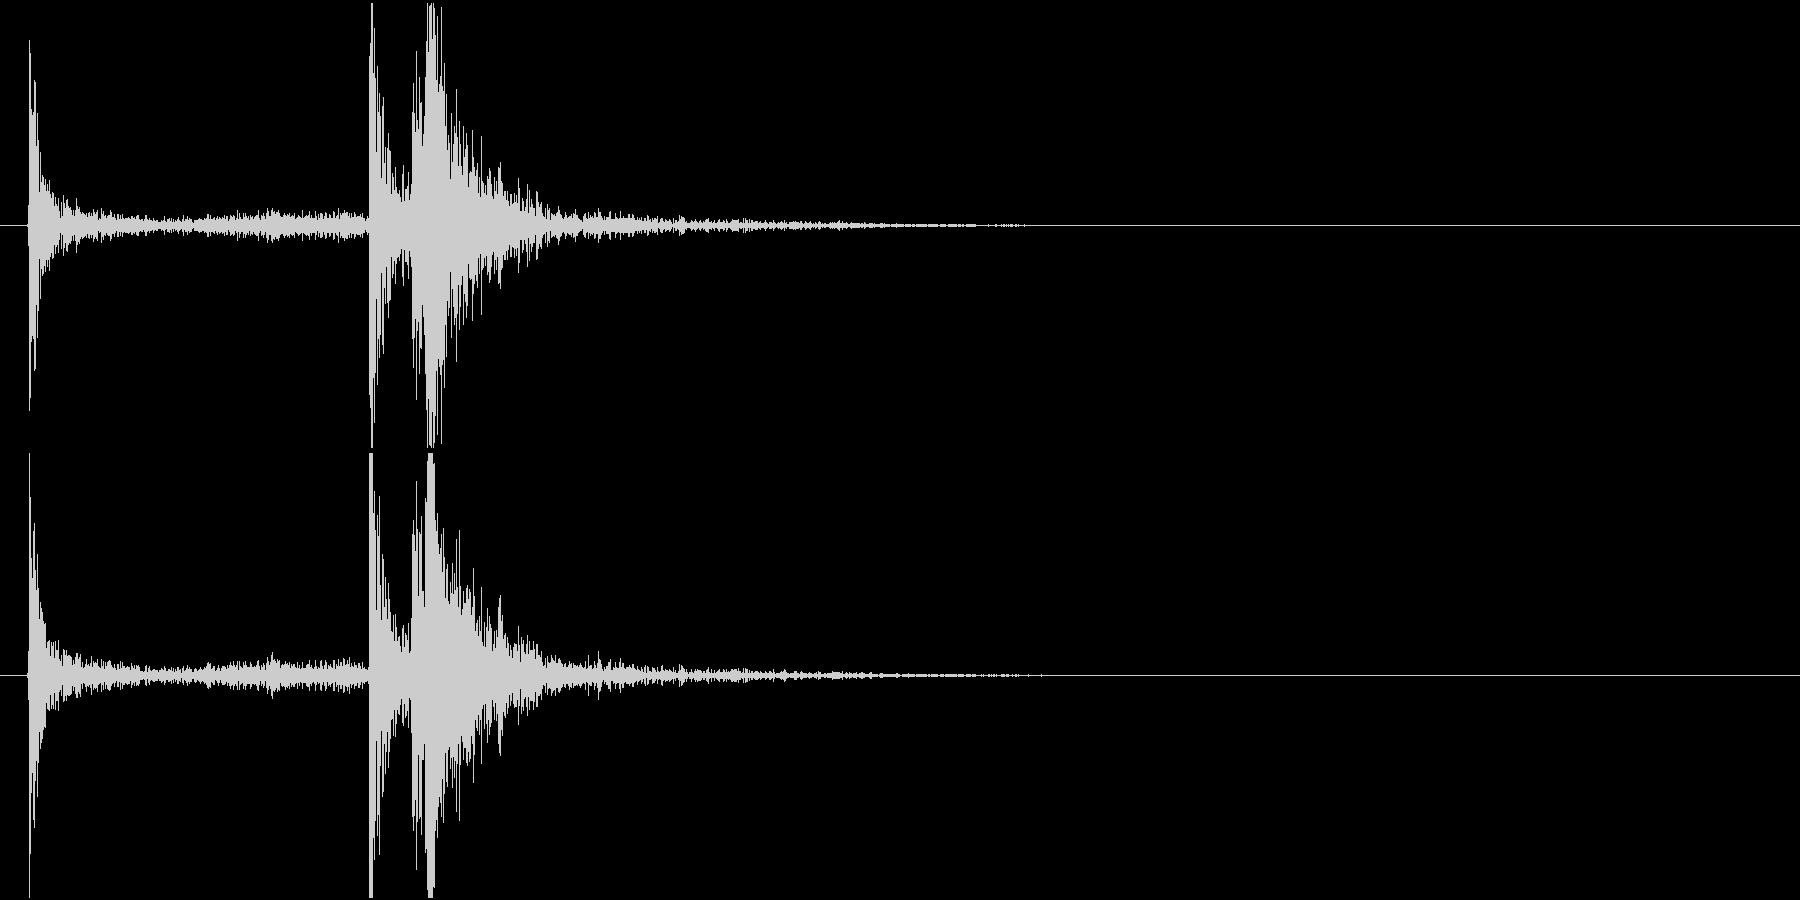 【生録音】 電子レンジを閉める音の未再生の波形